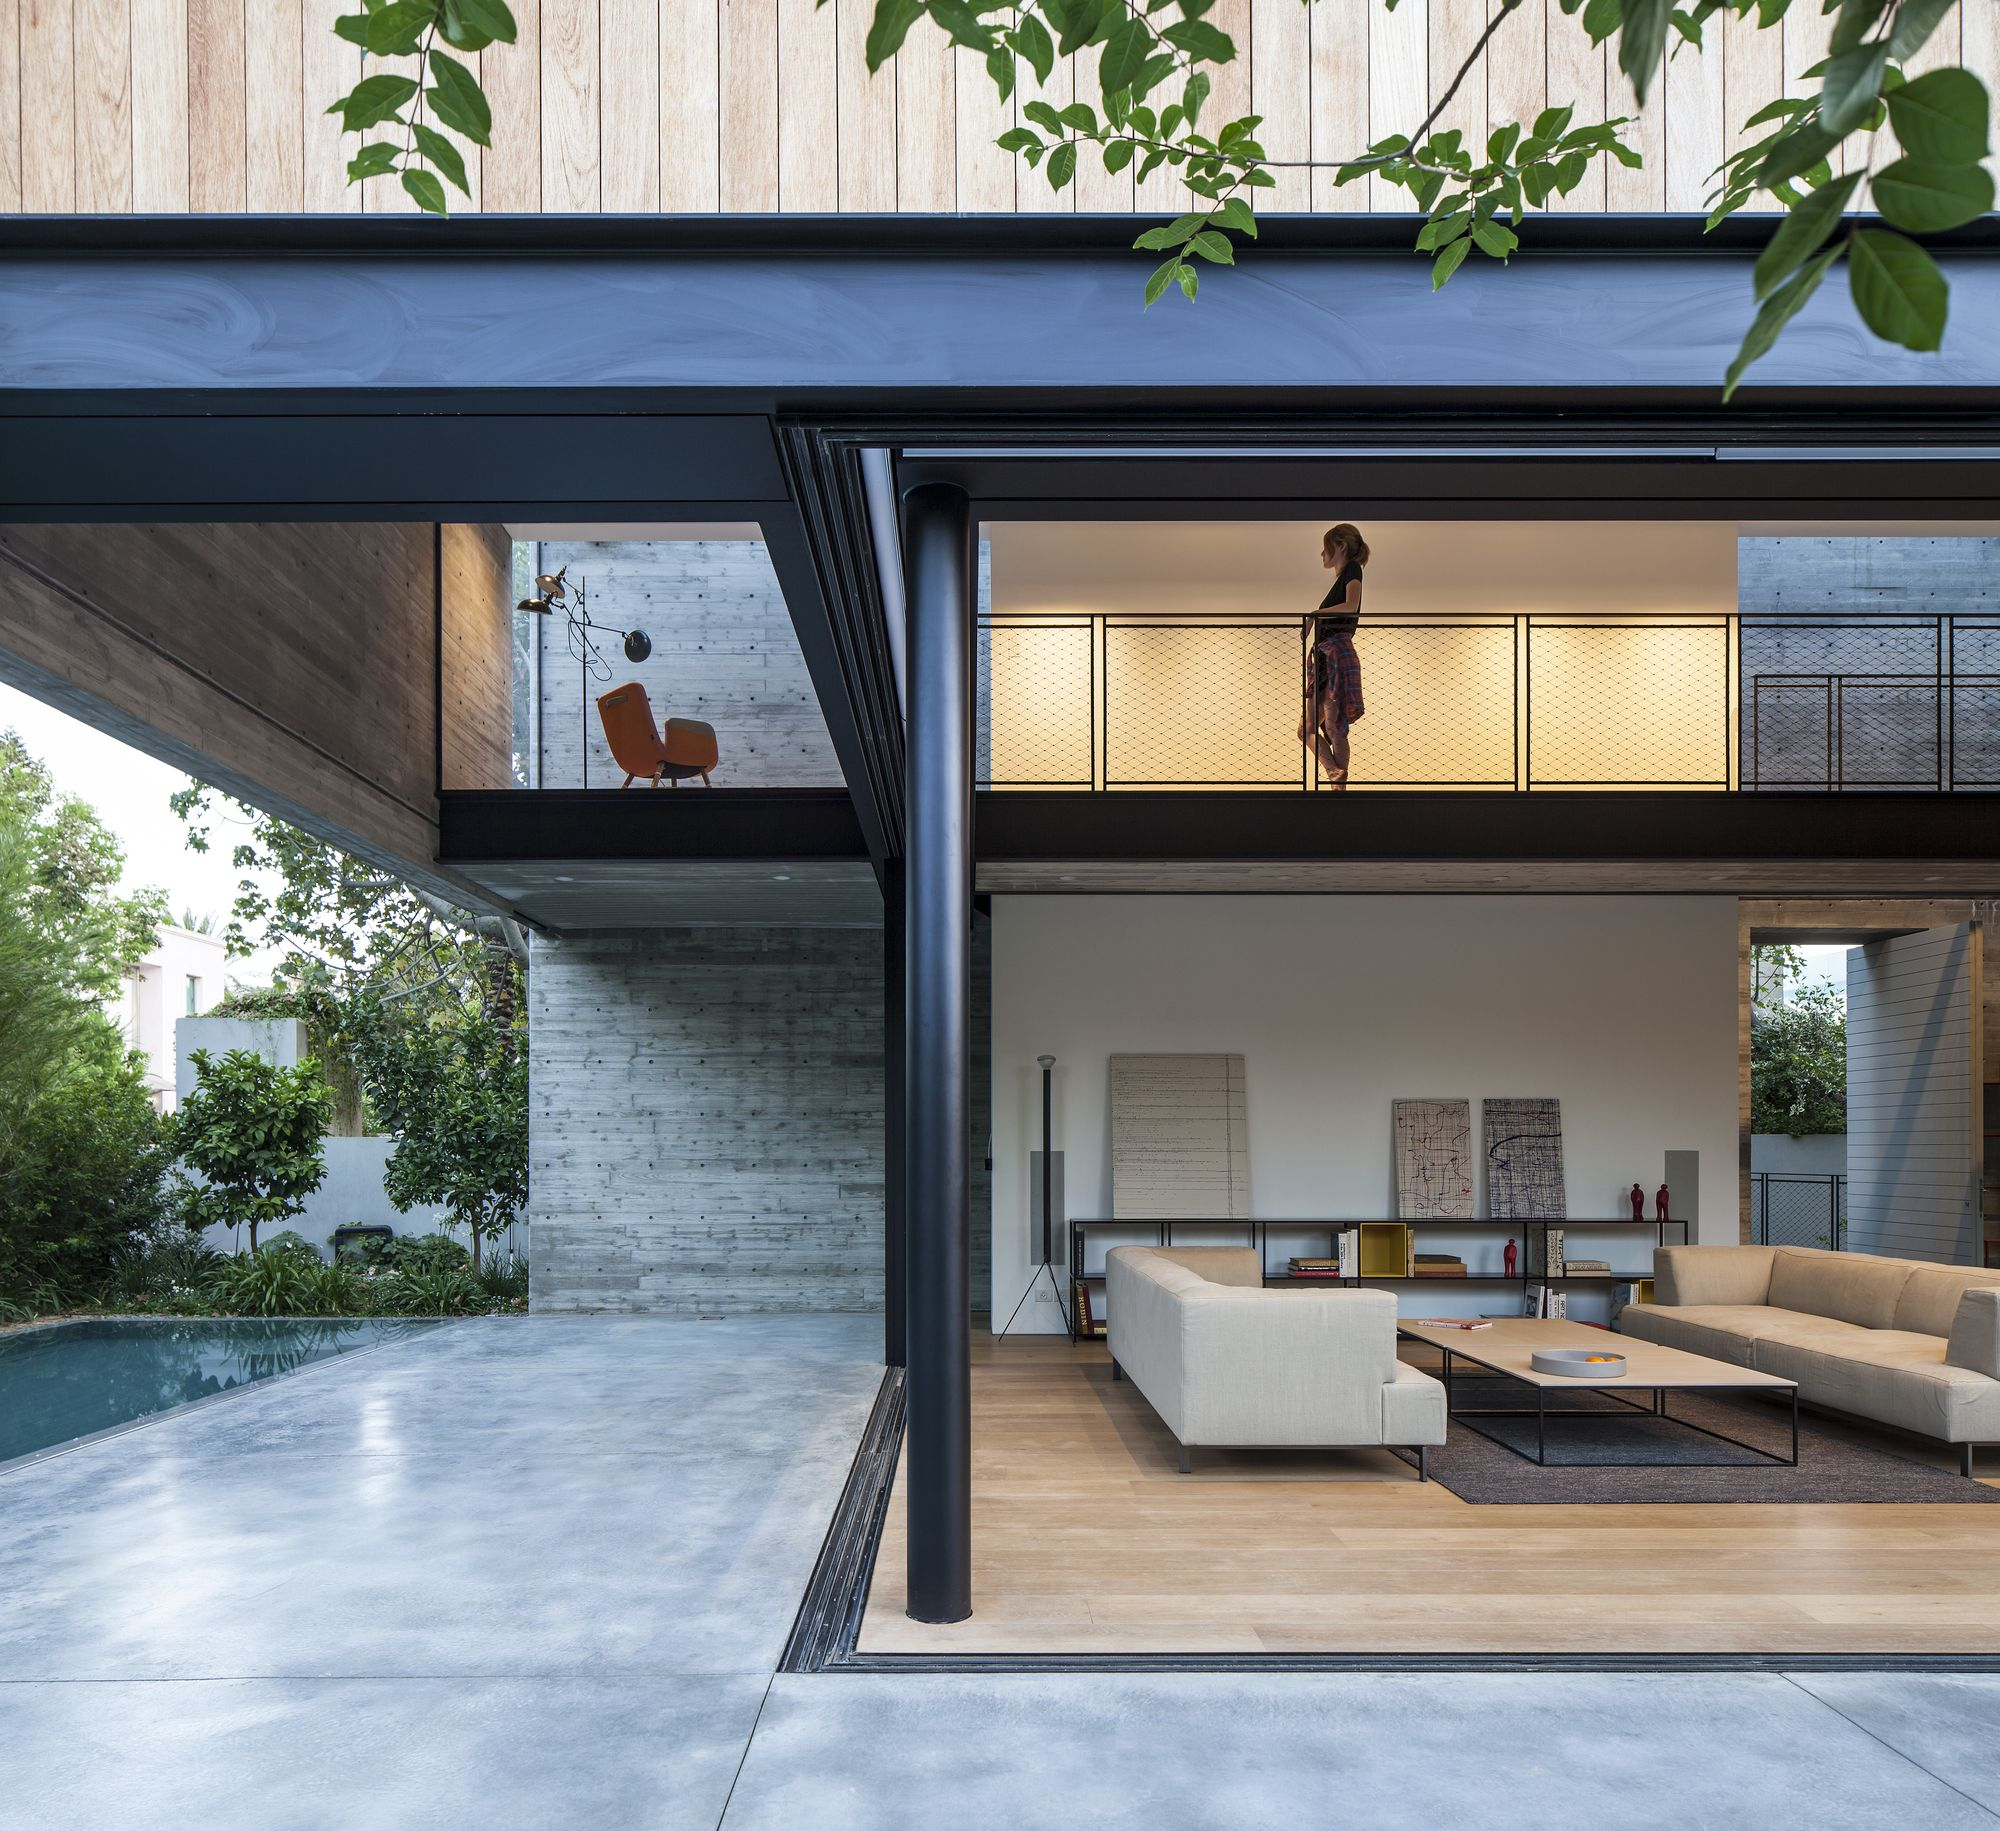 SB House / Pitsou Kedem Architects | Außenfassade, Moderne villa und ...